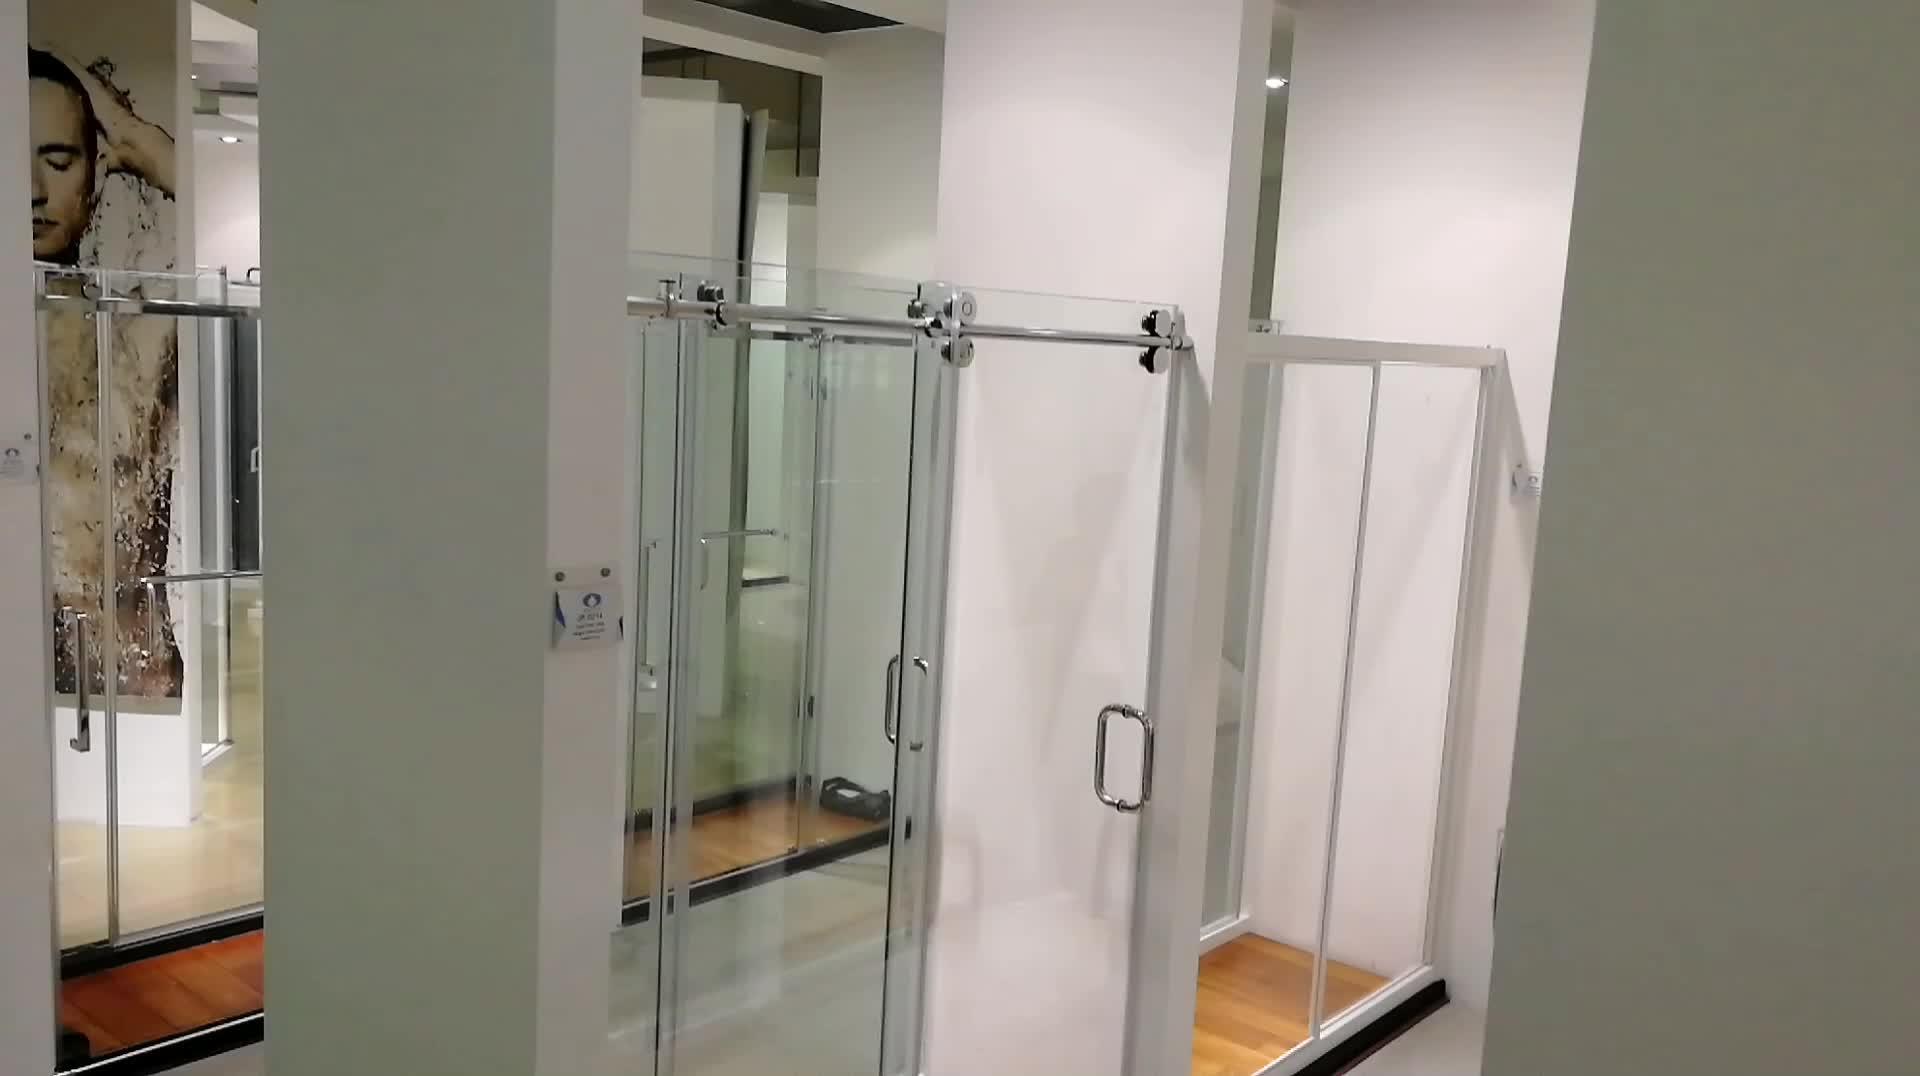 ผลิตในประเทศจีนการออกแบบห้องน้ำห้องอาบน้ำฝักบัวไม่มีประตูกระจก